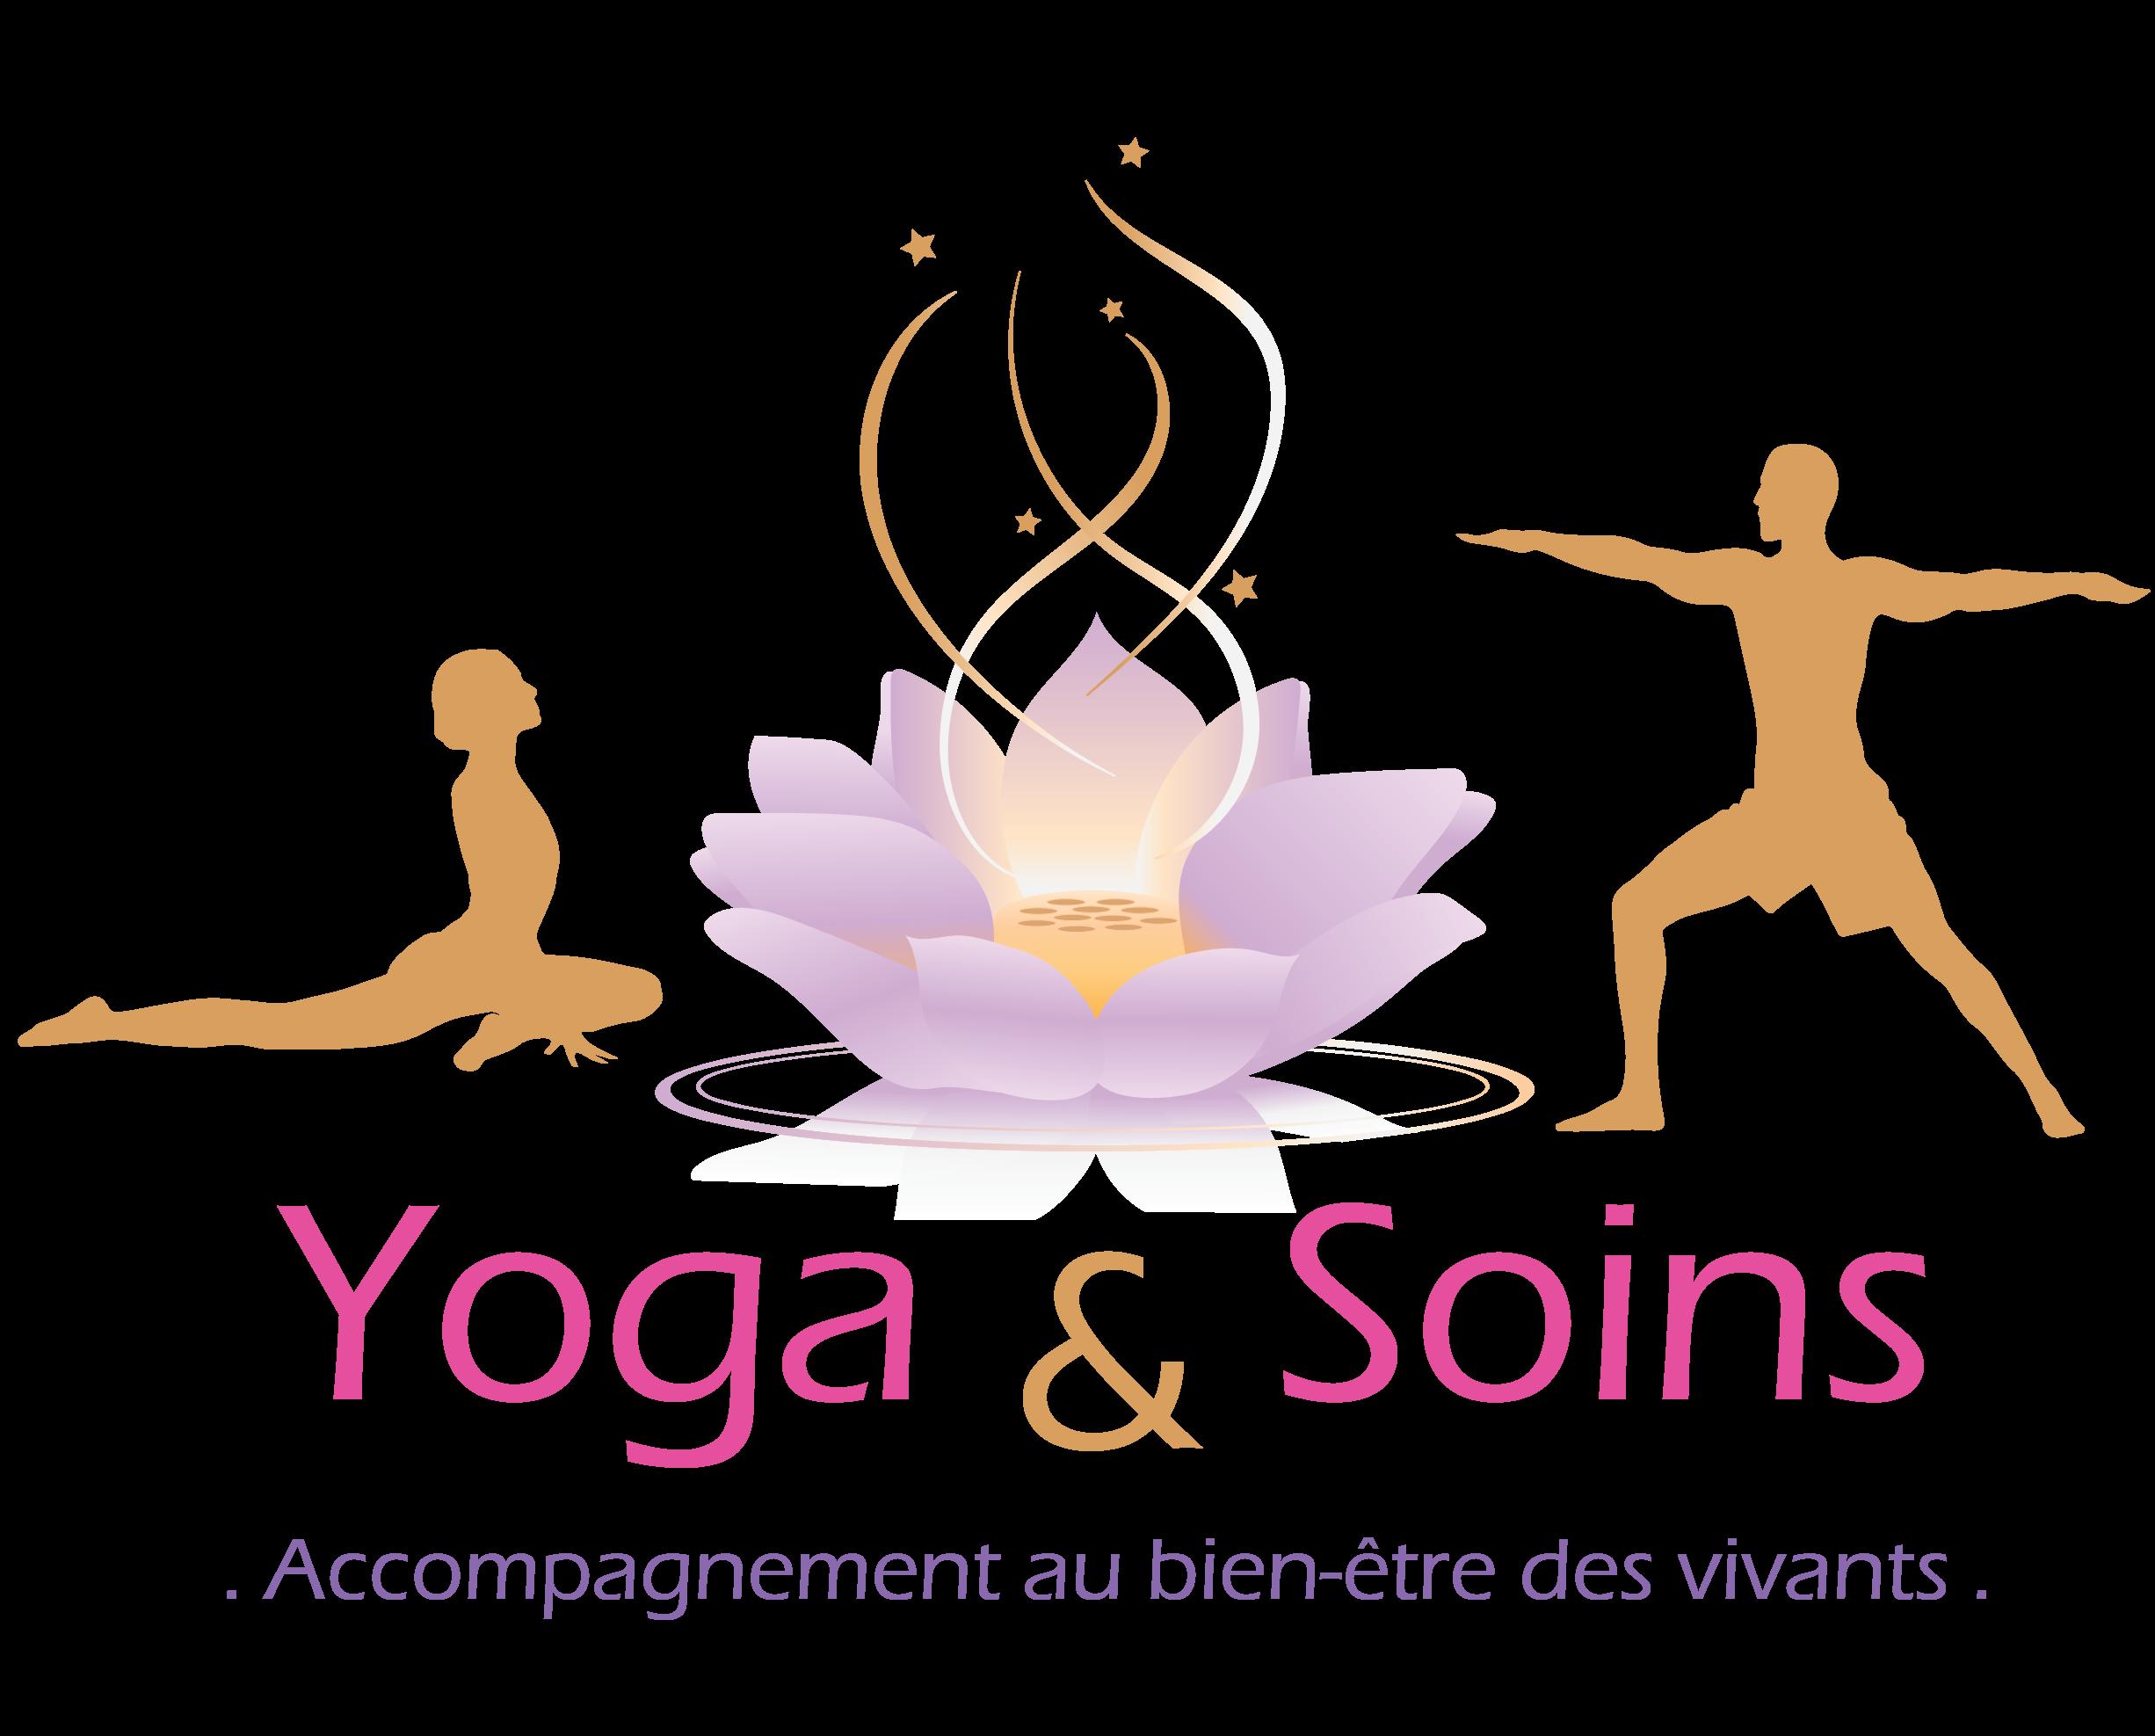 Yoga et soins